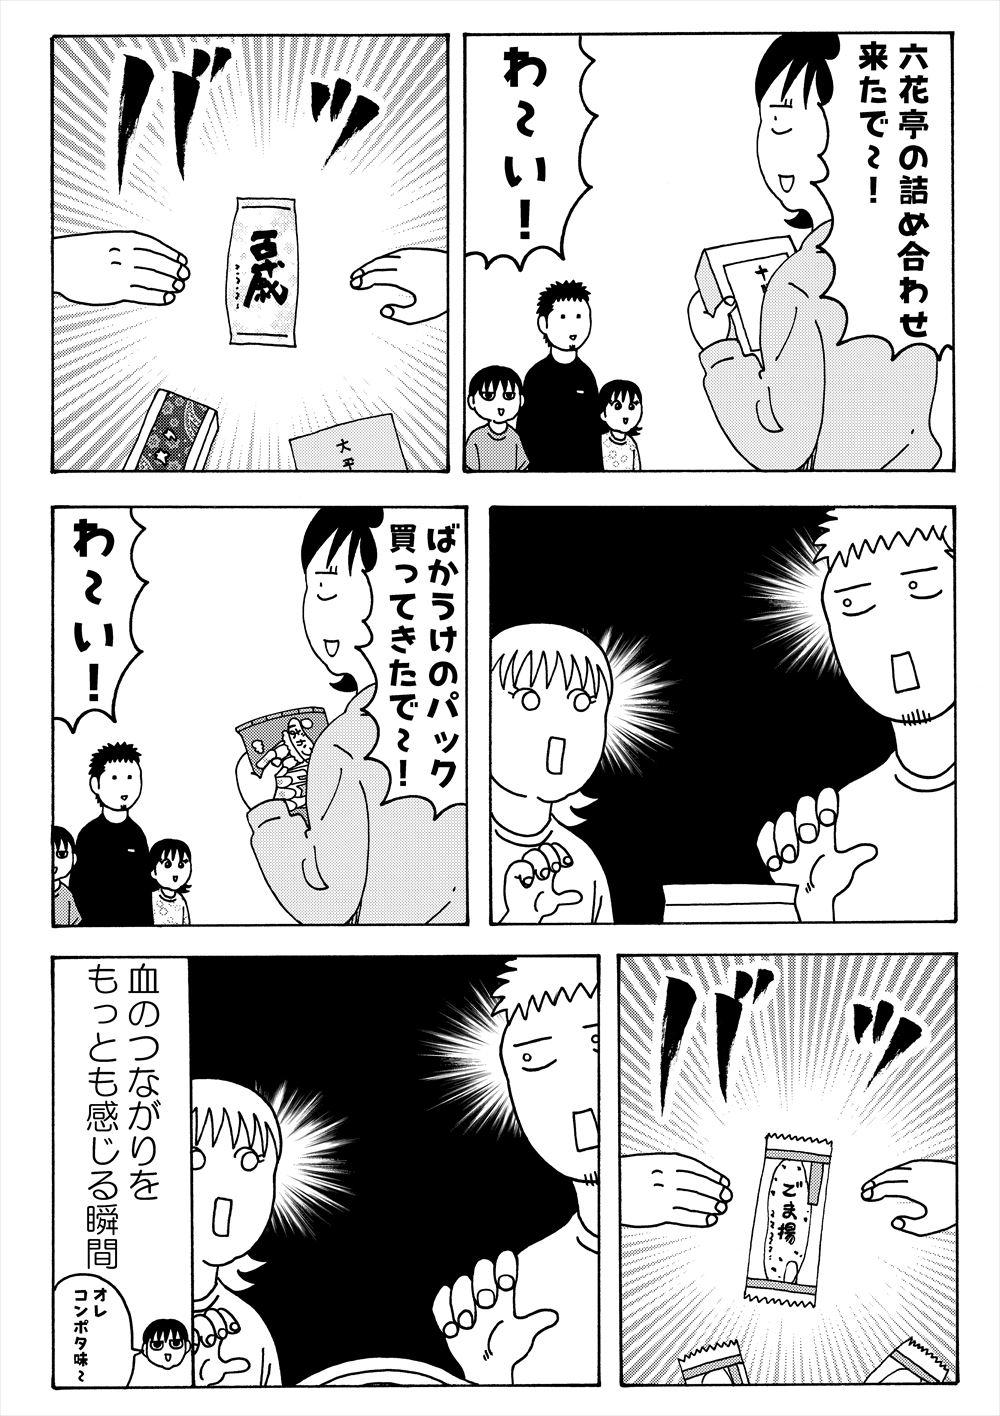 クレイジー21~24_22回_R